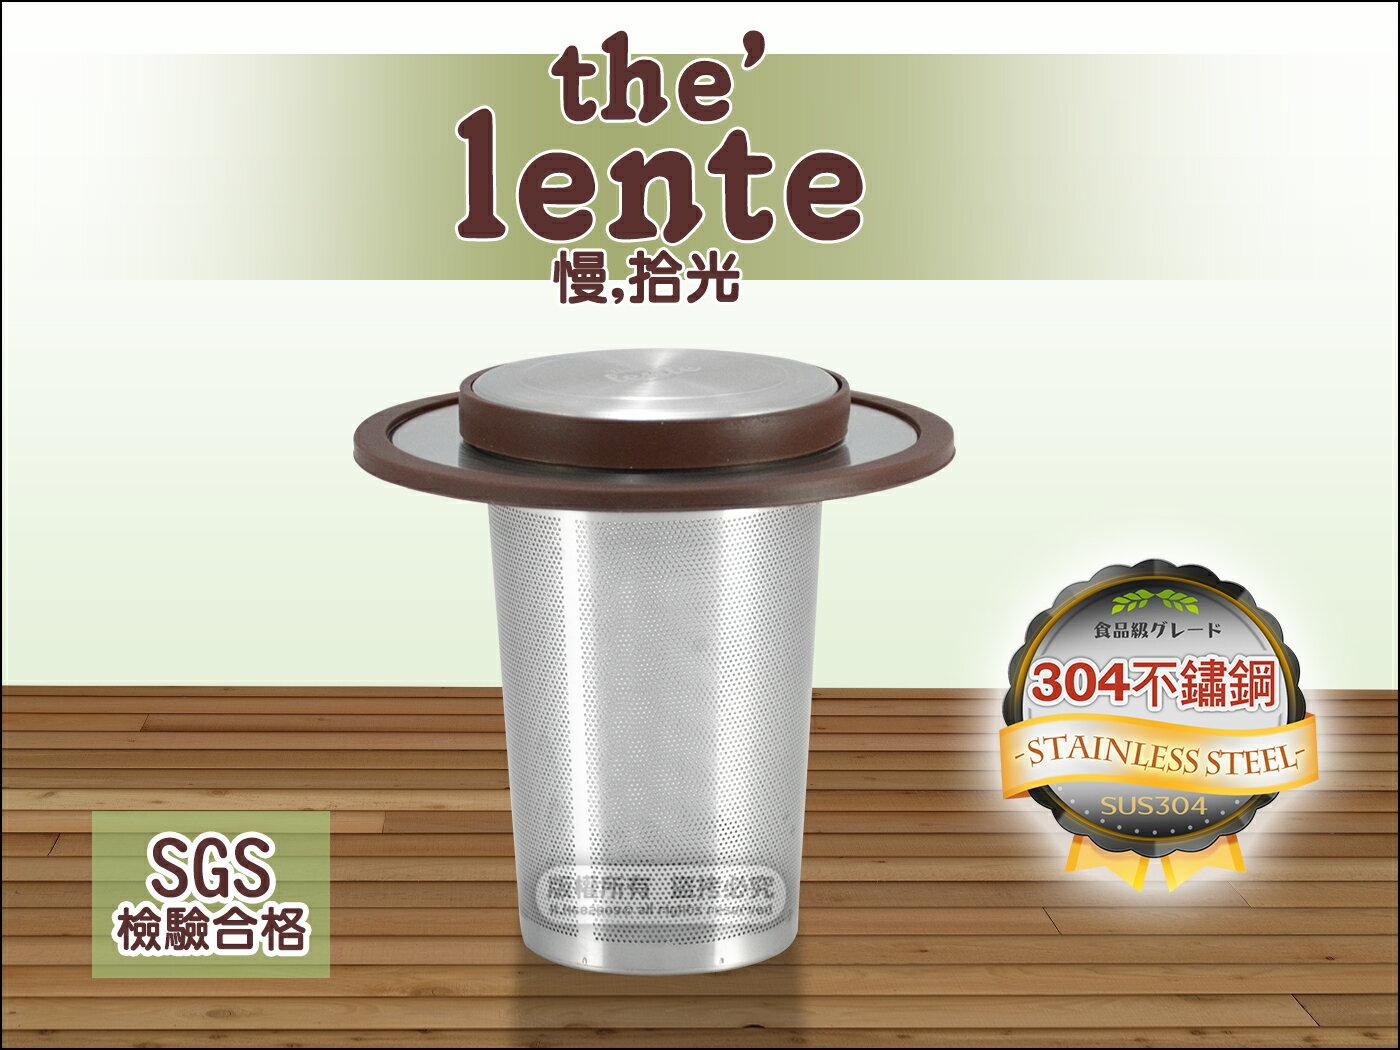 快樂屋♪ 慢拾光 4884 濾茶網 304不鏽鋼 免濾紙~SGS檢驗合格~可搭各式 馬克杯